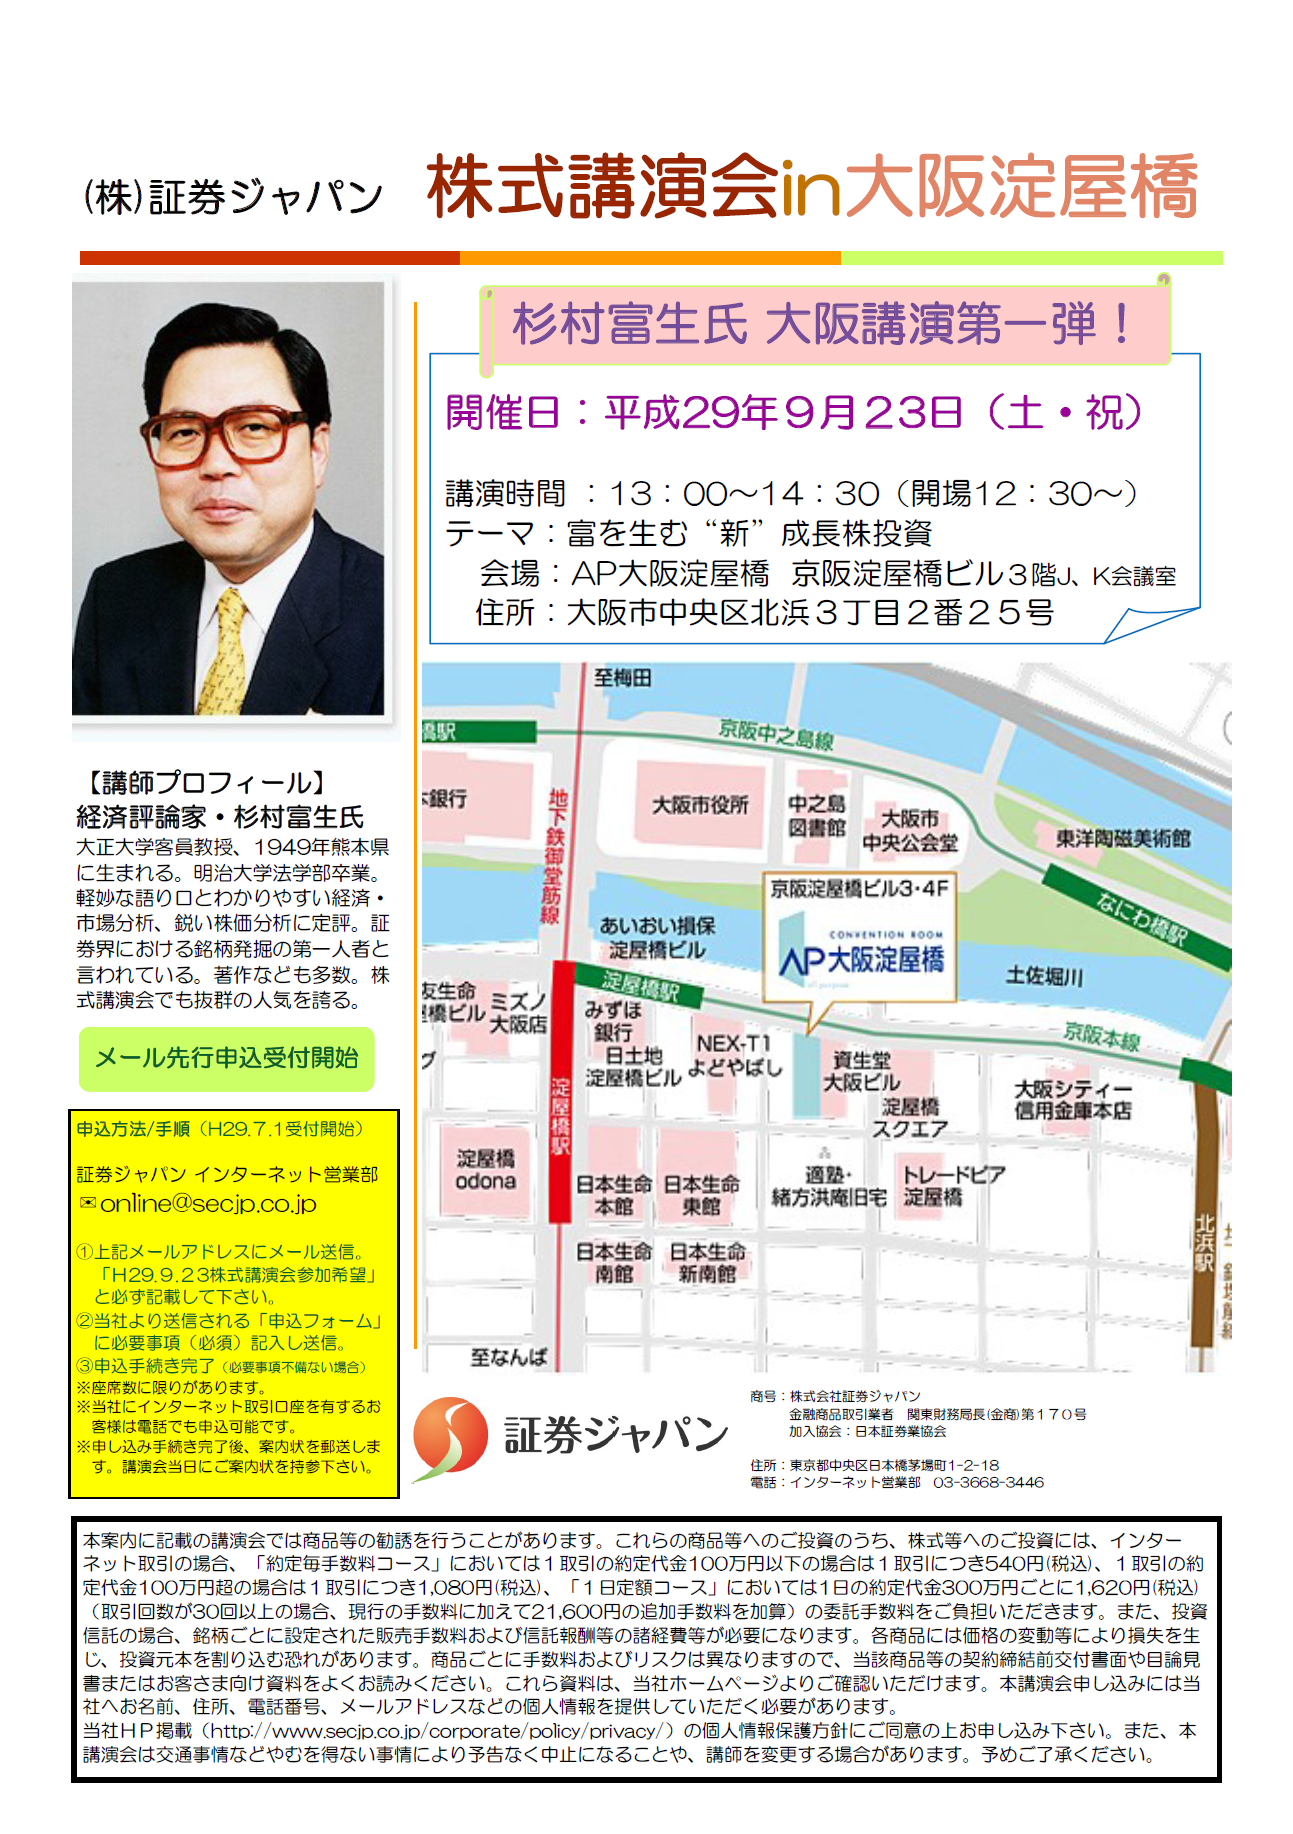 (株)証券ジャパン 株式講演会in大阪淀屋橋